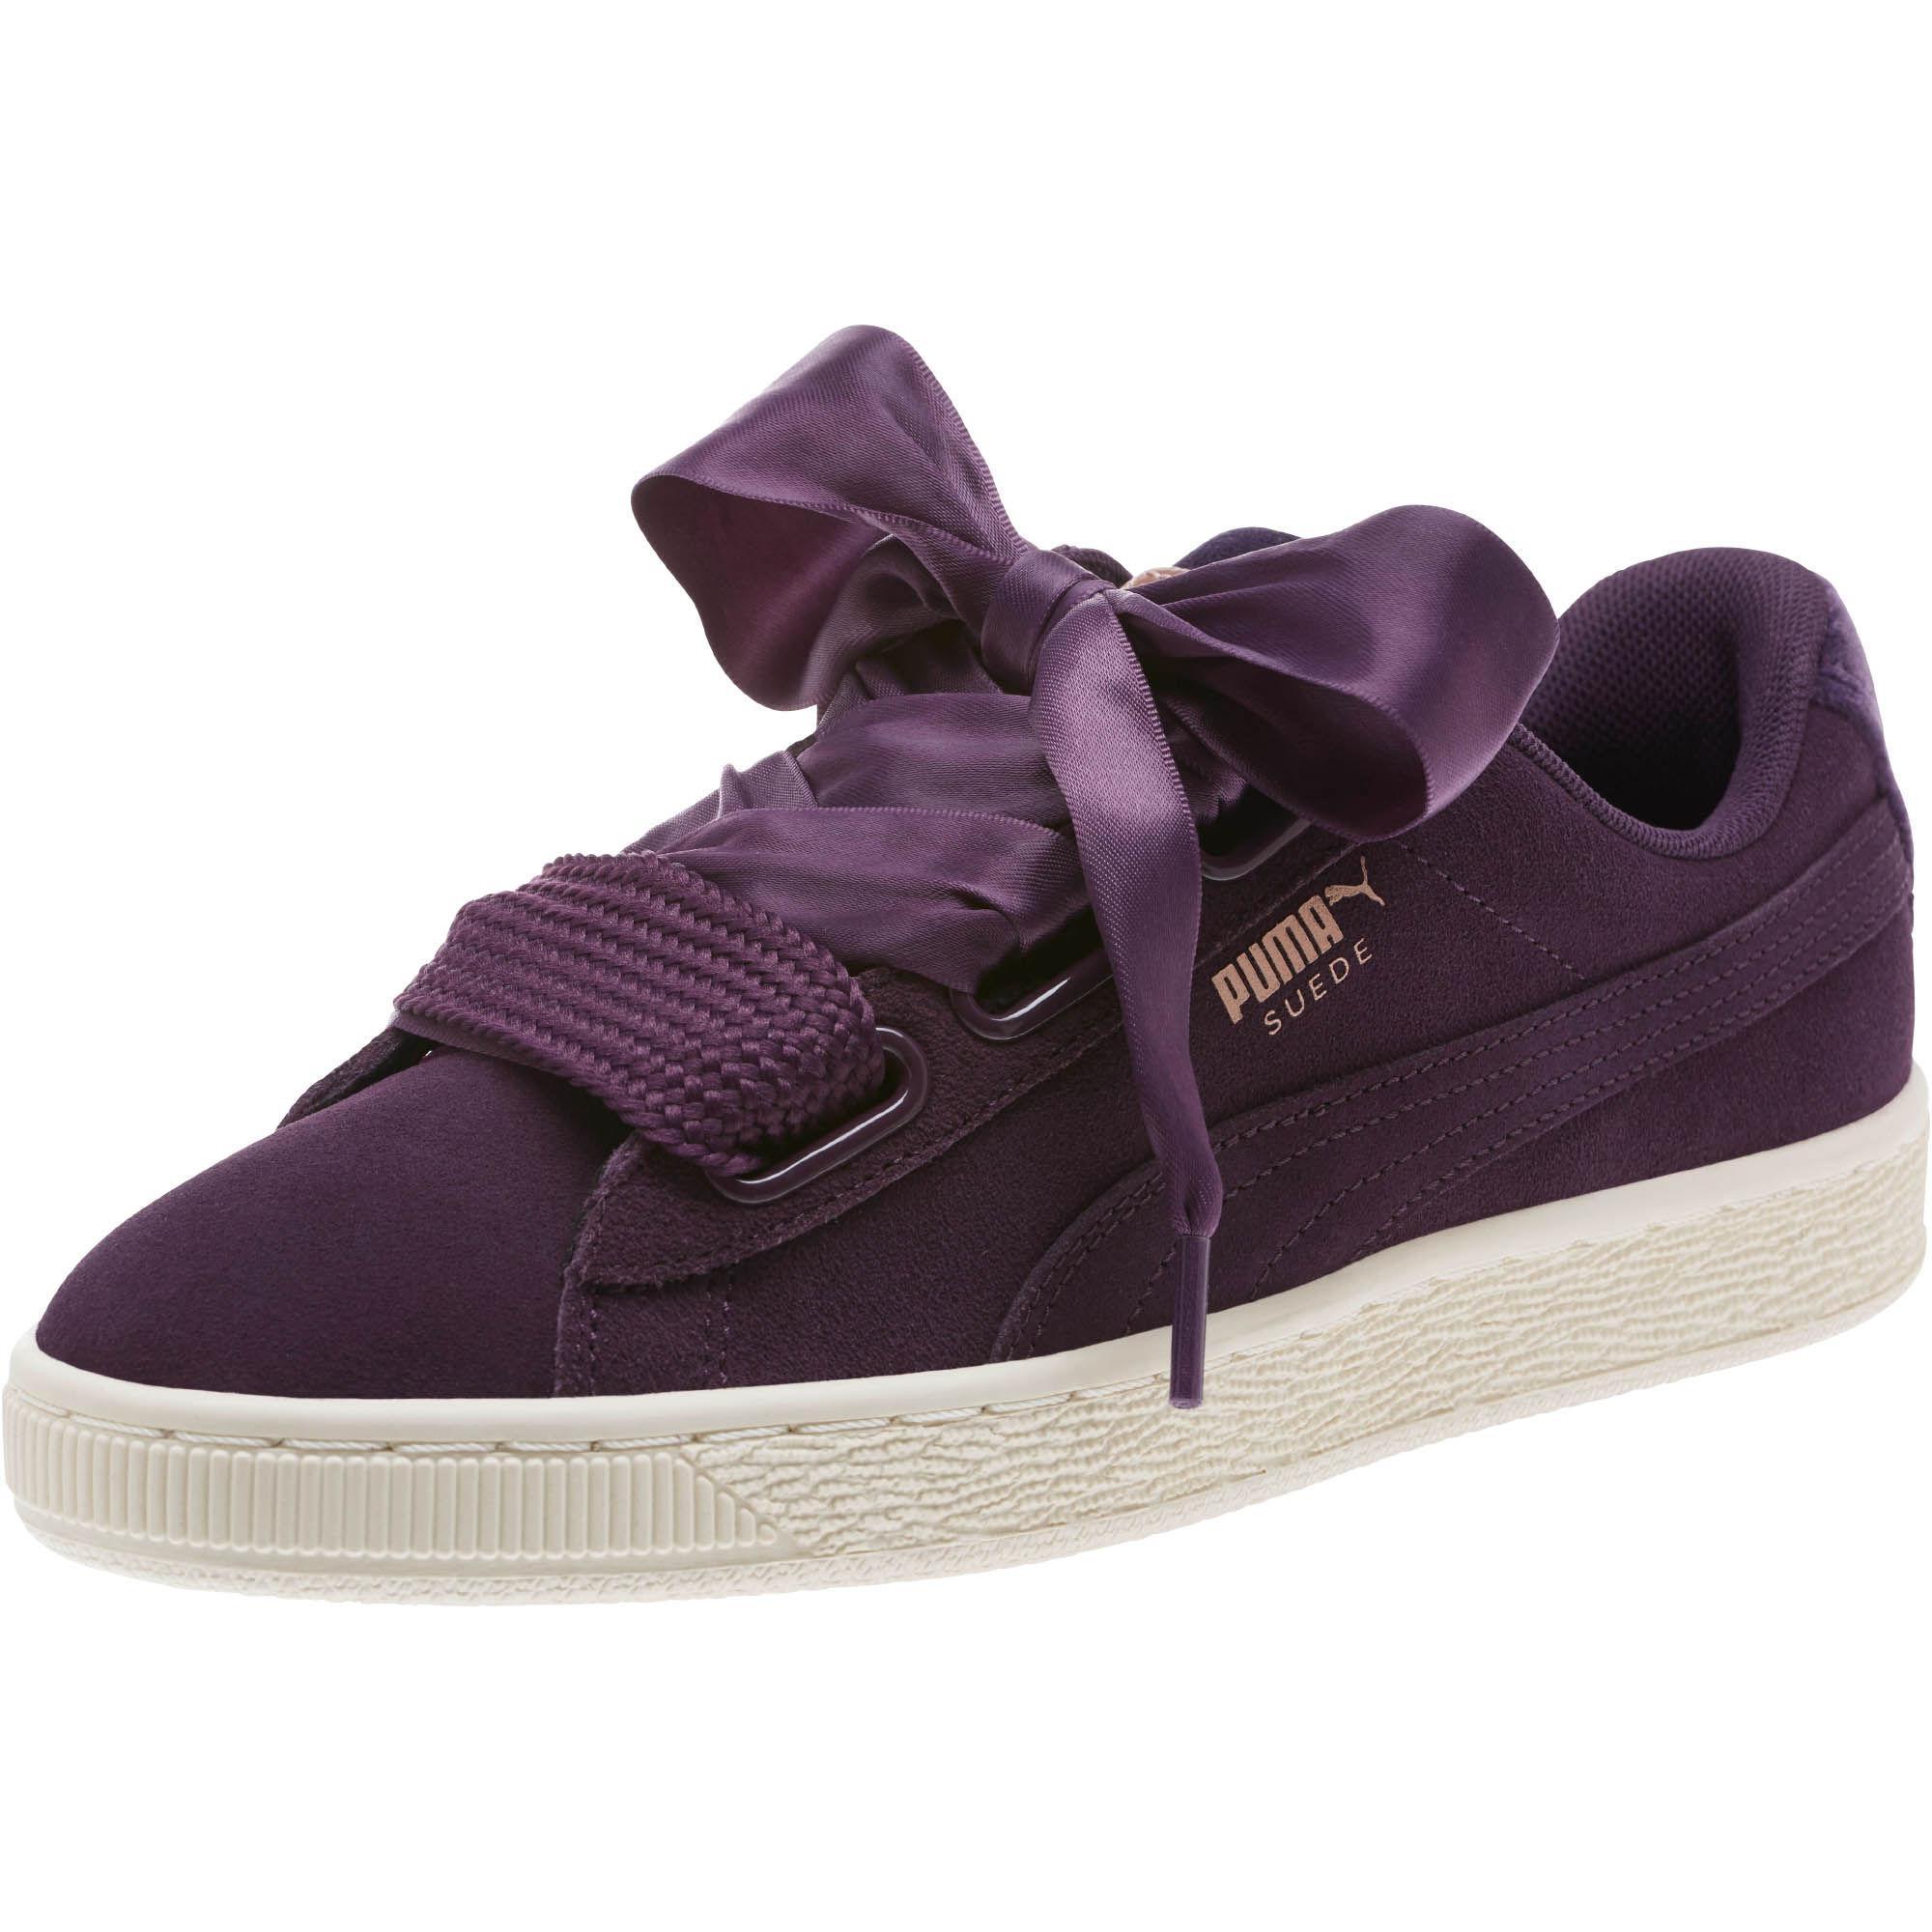 sports shoes 63f45 5631b Purple Suede Heart Vr Women's Sneakers